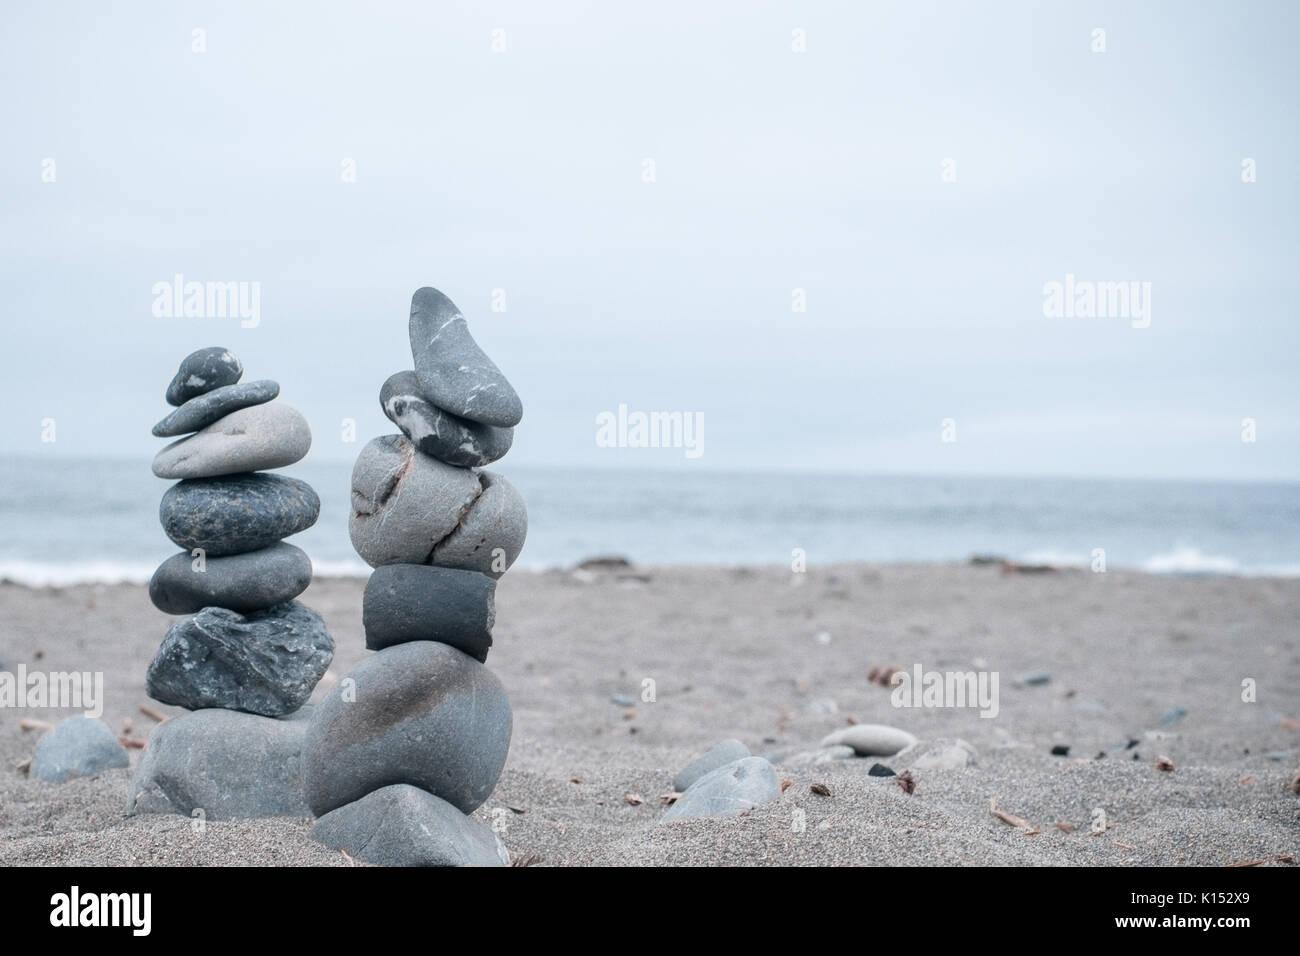 Monocromo Azul, sereno, rocas apiladas en una playa de California que simbolizan la paz, equilibrio, meditación y Mindfulness Imagen De Stock